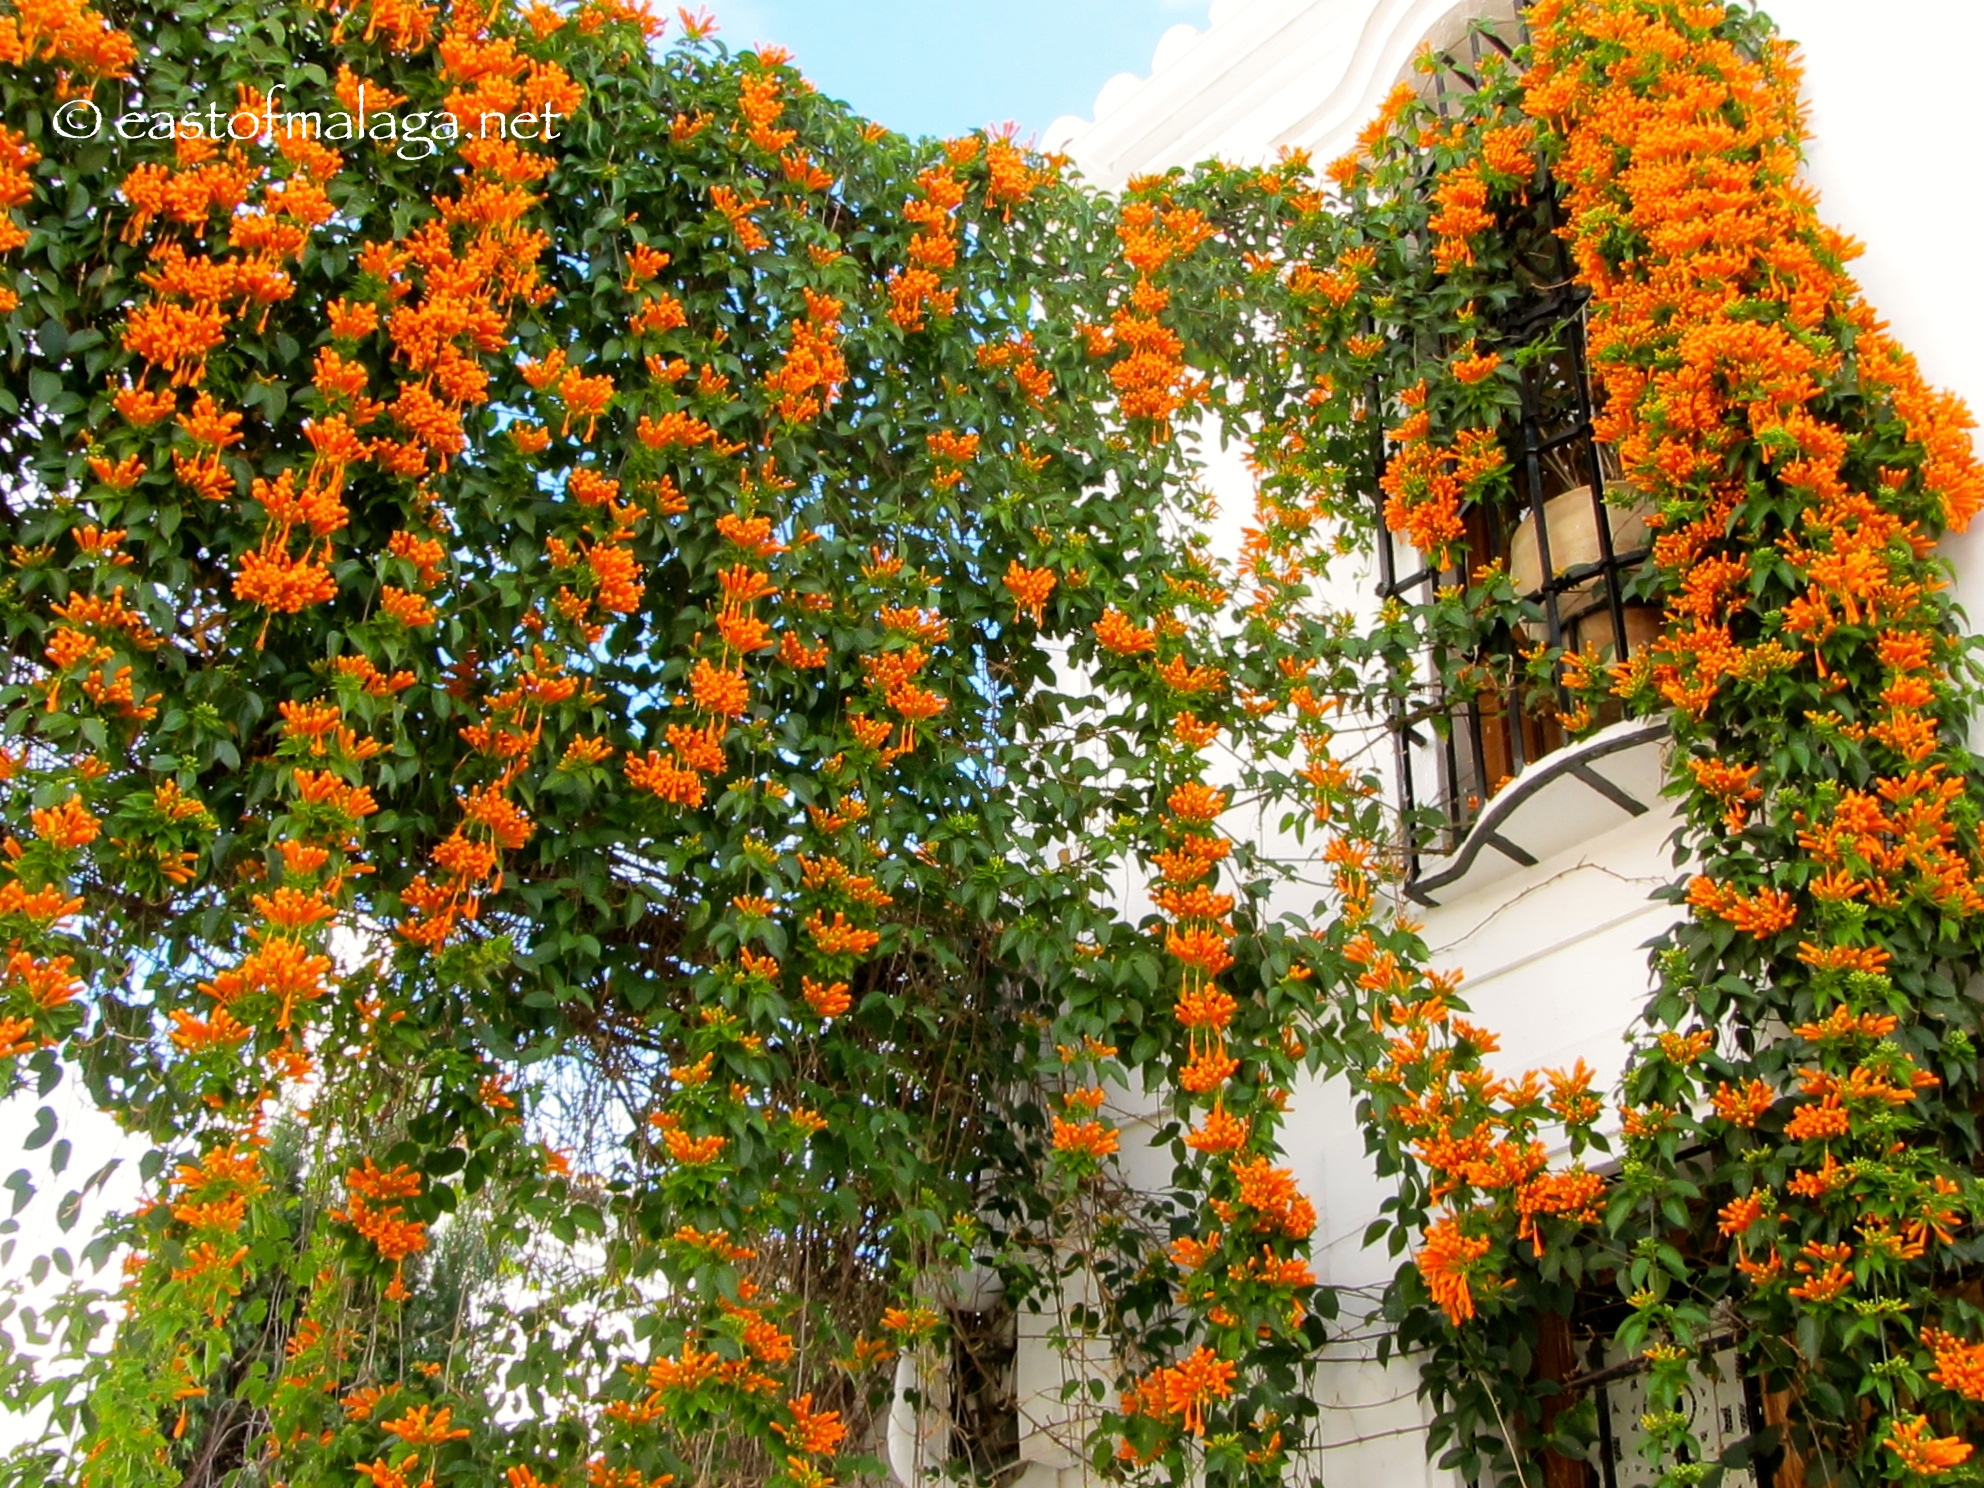 PYROSTEGIA VENUSTA (Orange trumpet vine) | East of Málaga